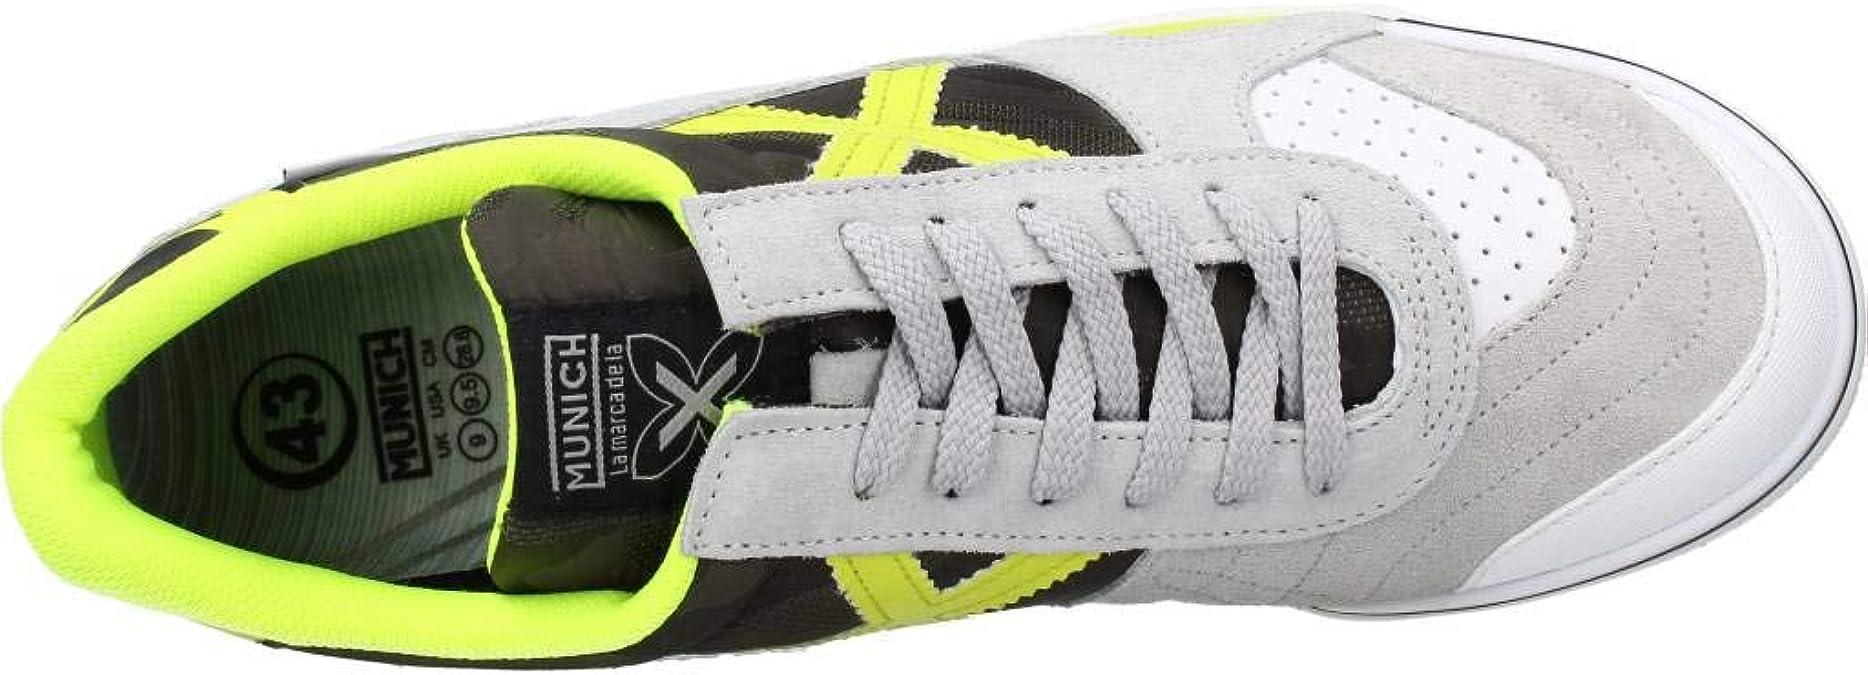 Zapatillas Sala Hombre Munich Gresca 281: Amazon.es: Zapatos y complementos